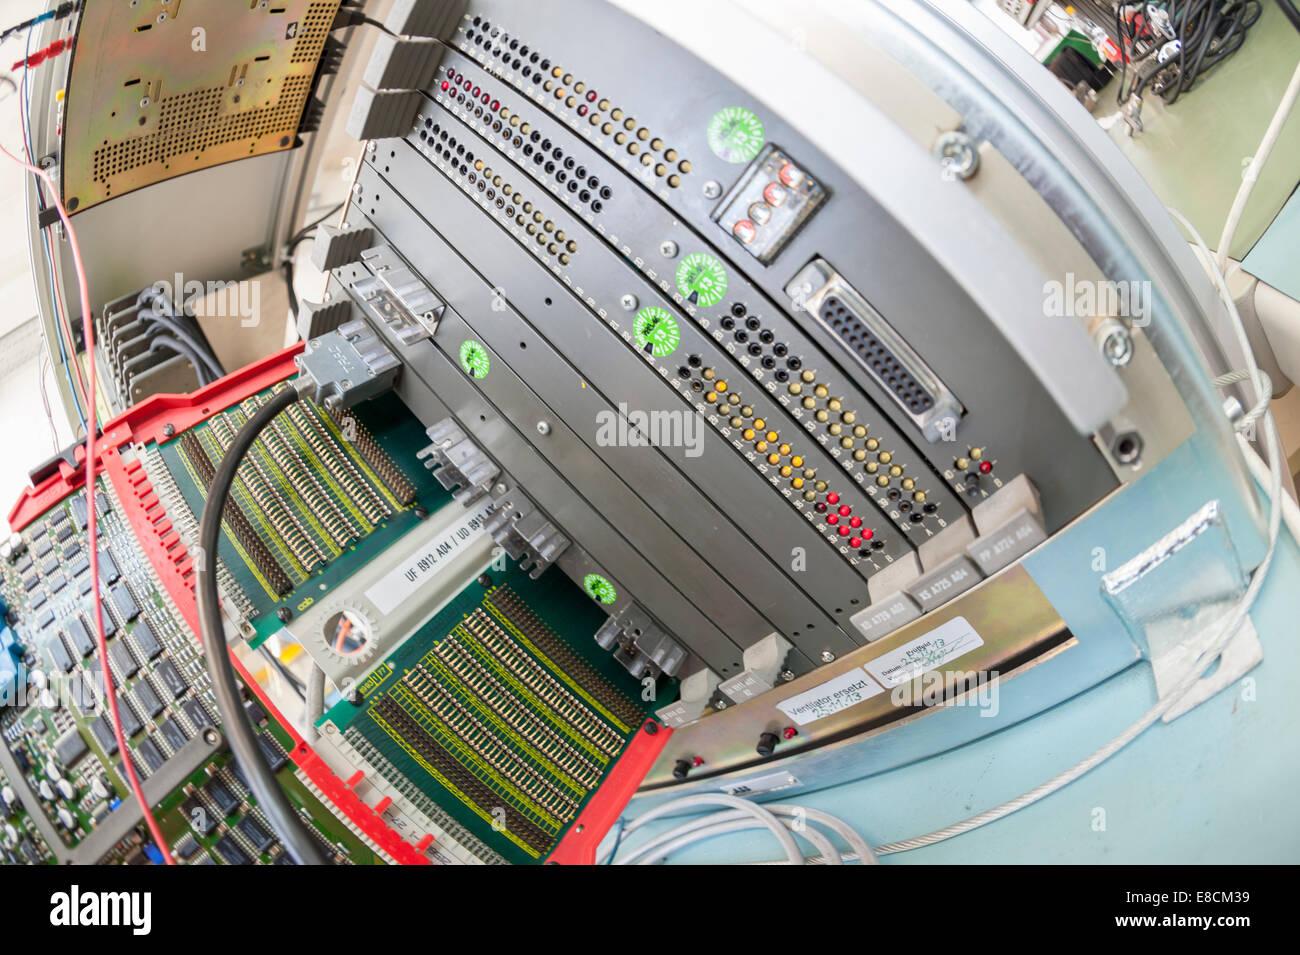 Eine Mutter Bord / Mikroprozessor-Platine ist einlegen in ein Computer-Test-Rack für die Qualitätssicherung Stockbild